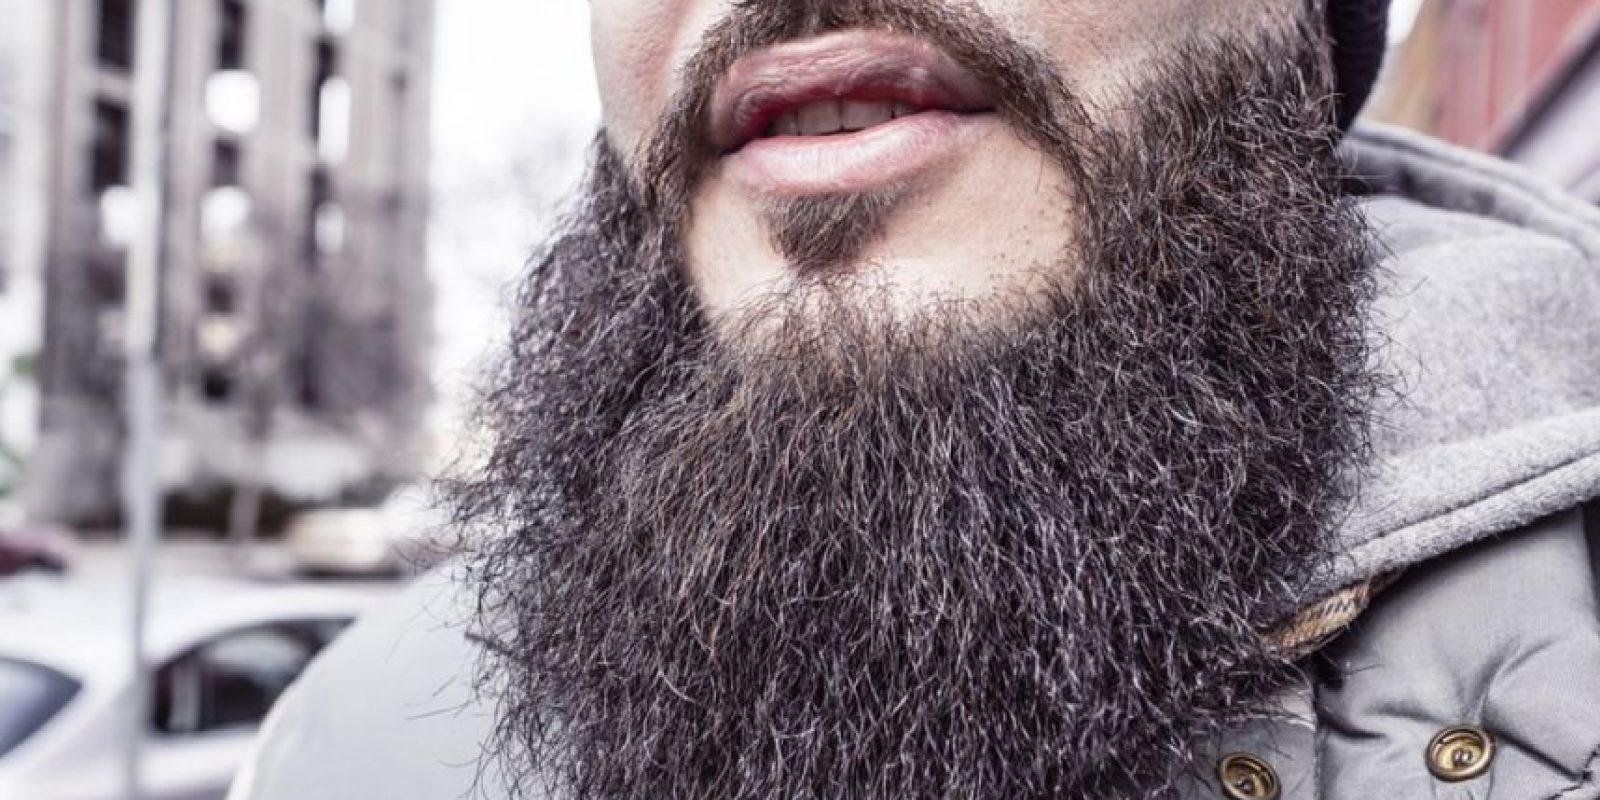 Para que nadie la descubriera, se disfrazó con una barba. Foto:Vía Pixabay